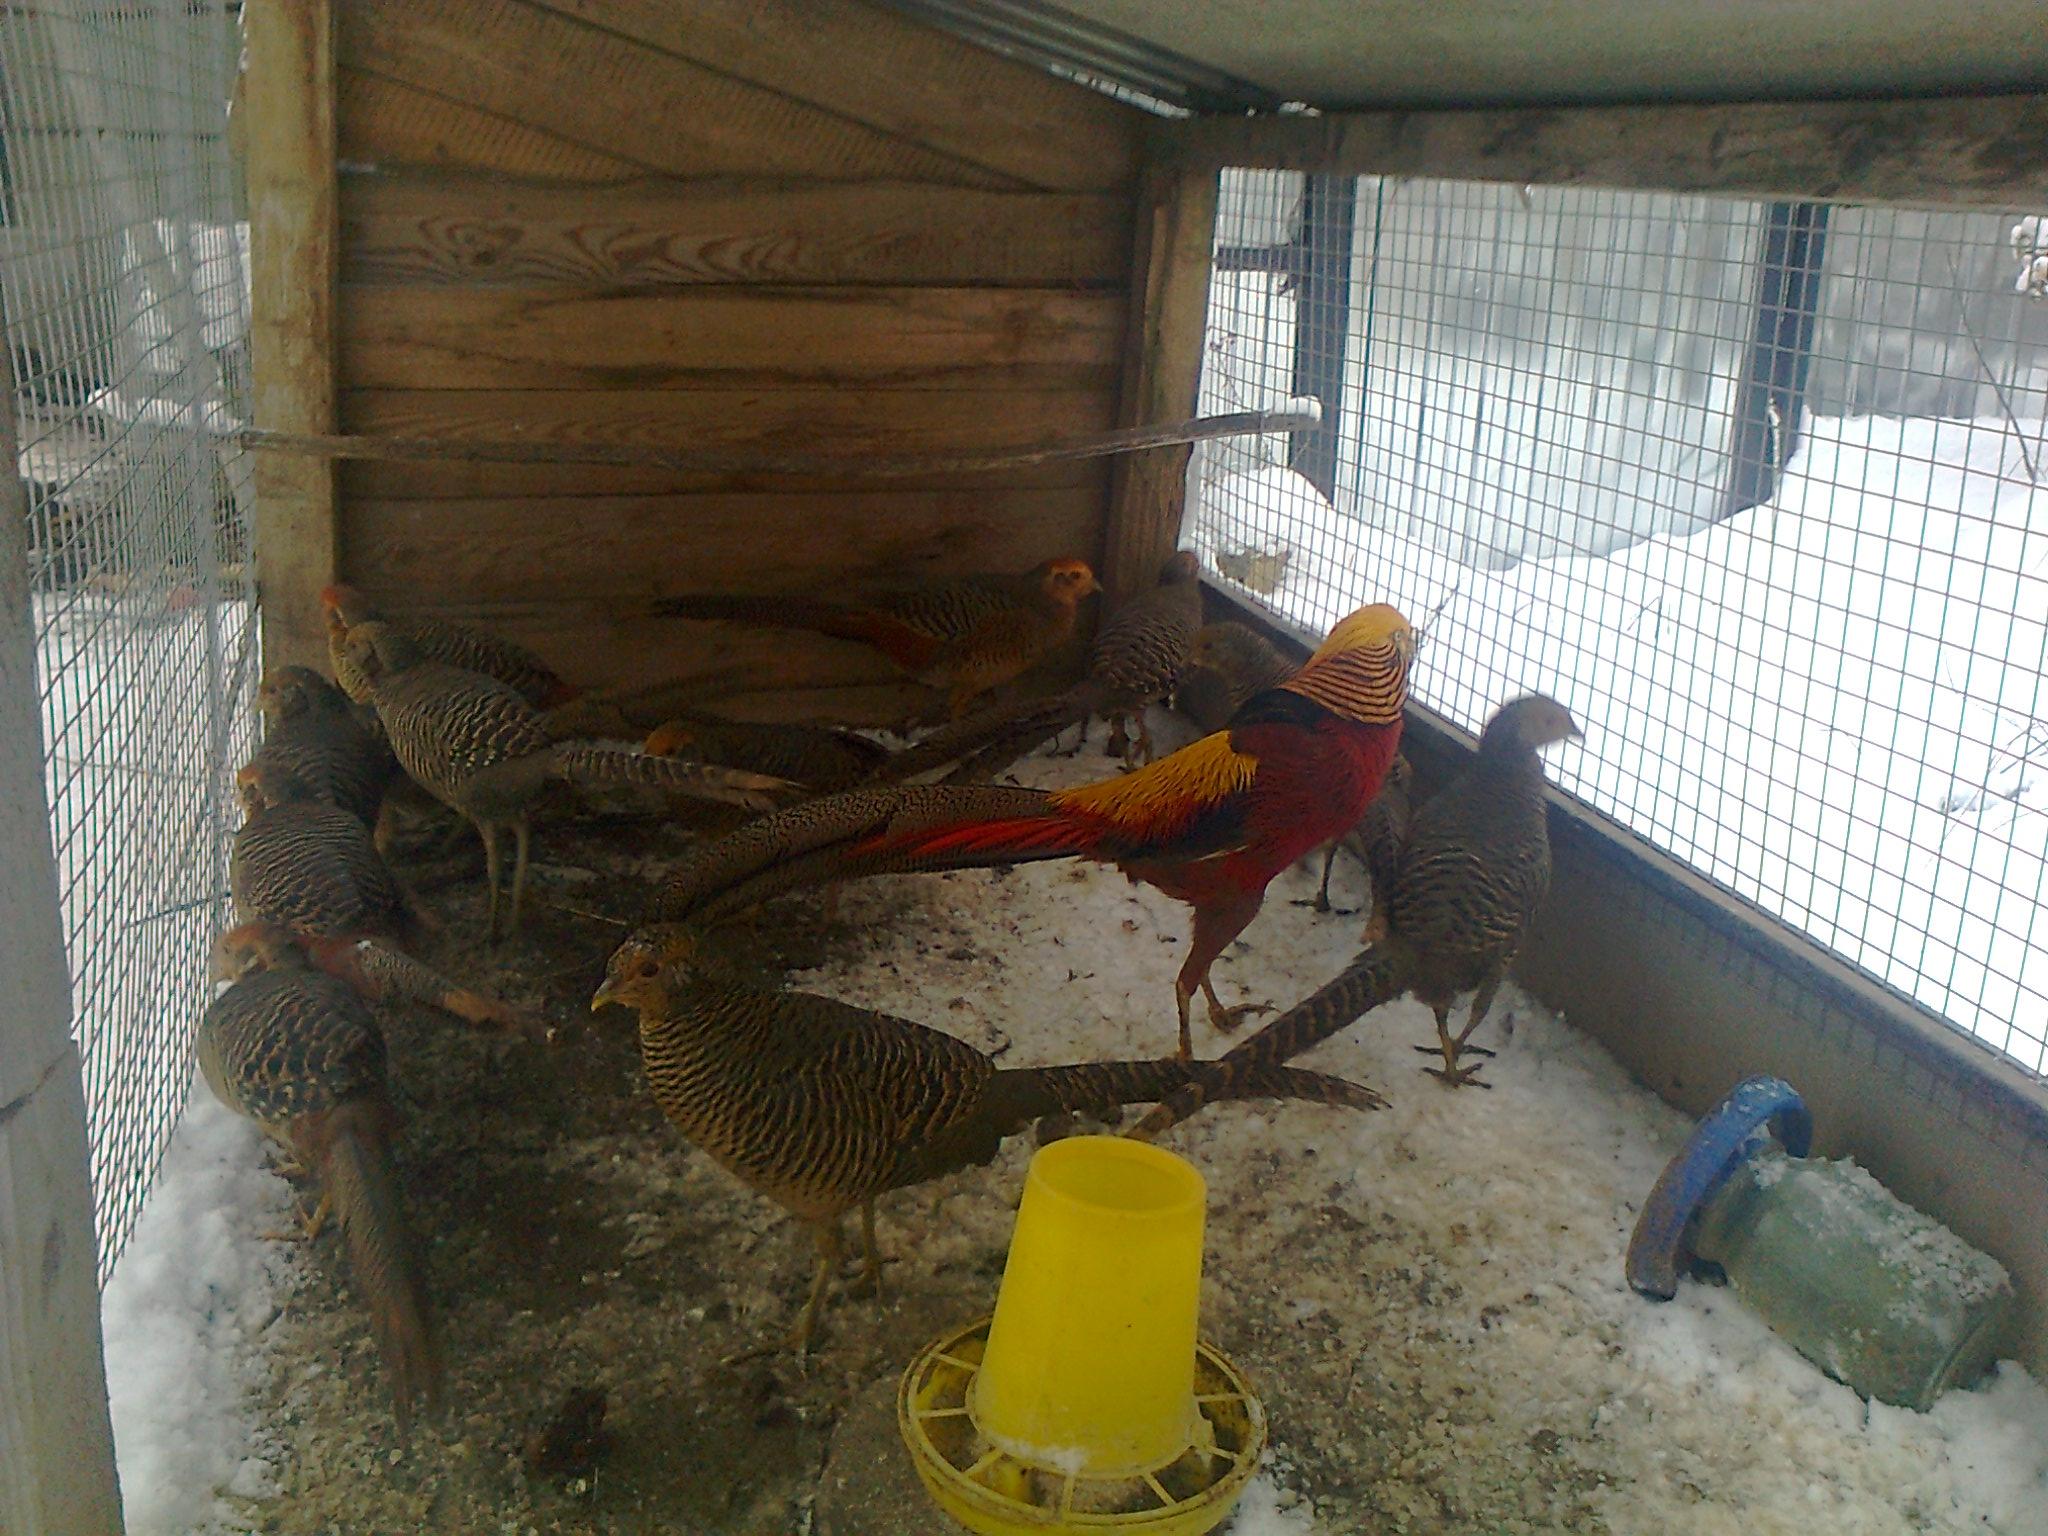 Разведение фазанов — просто, прибыльно, интересно. виды, содержание, питание. фото — ботаничка.ru